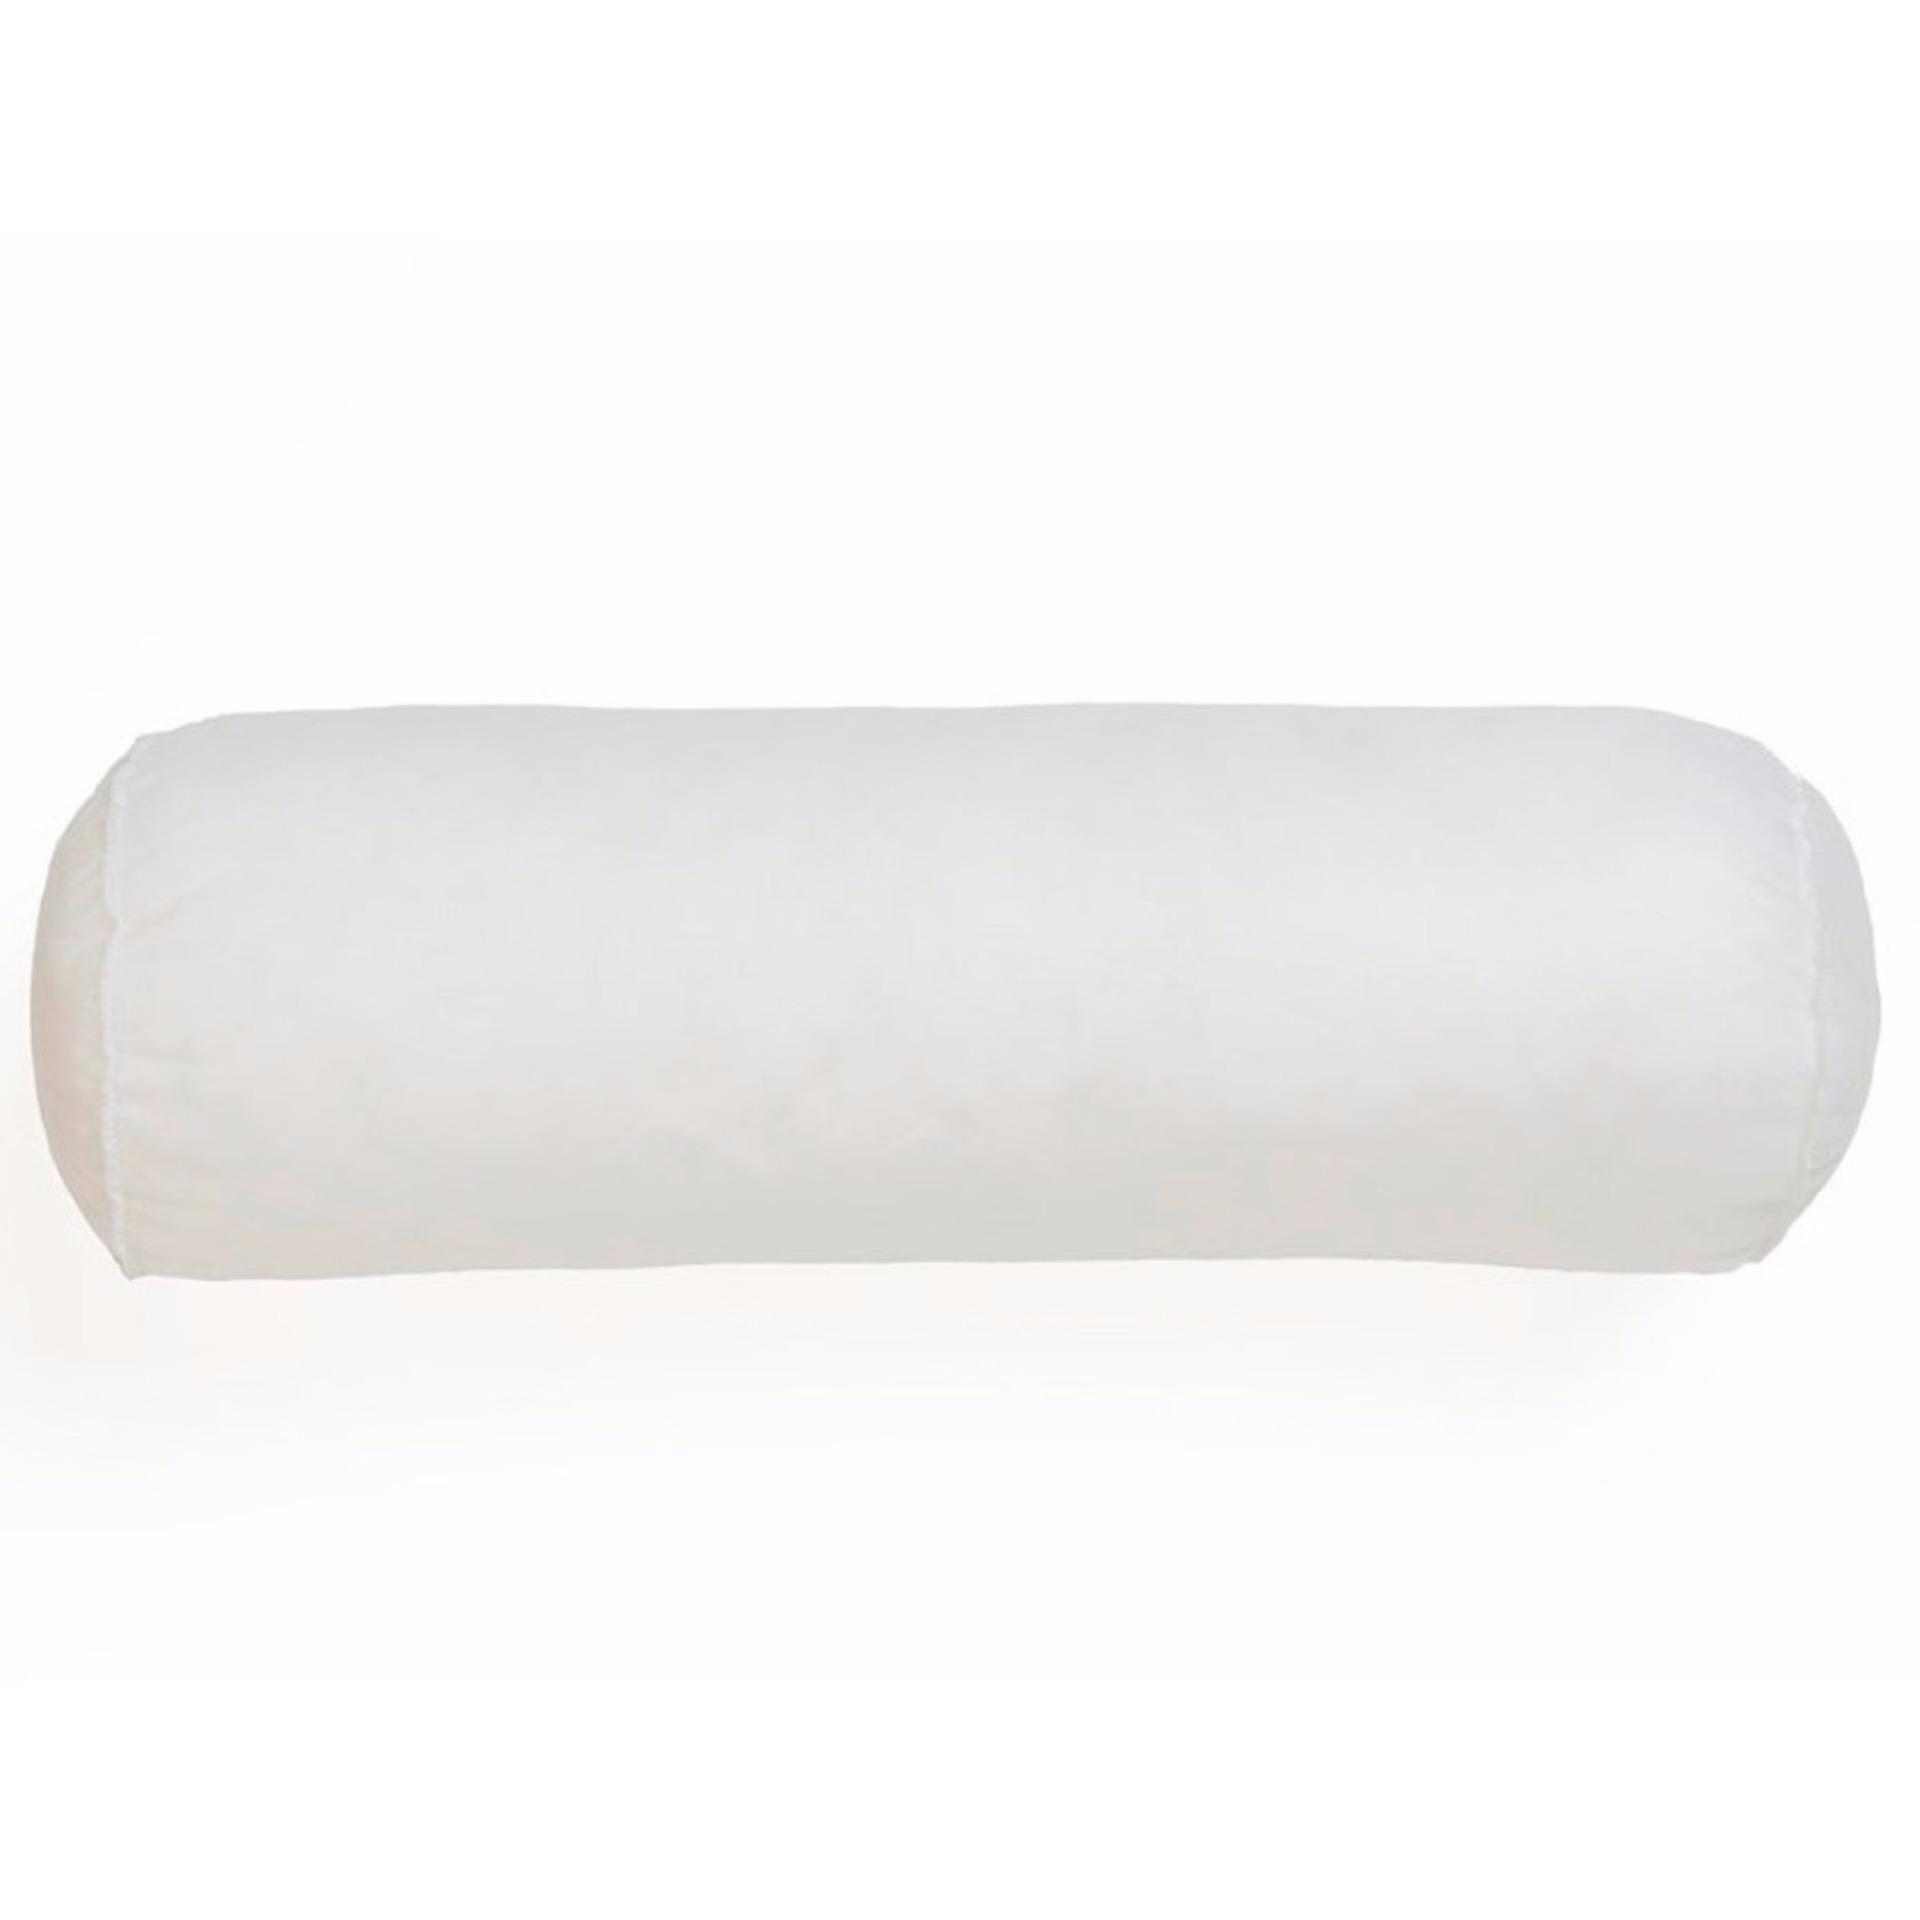 Ruột Gối Ôm Cataleya Kt 25x90cm 100% Polyeste + Tặng kèm vỏ gối 100%